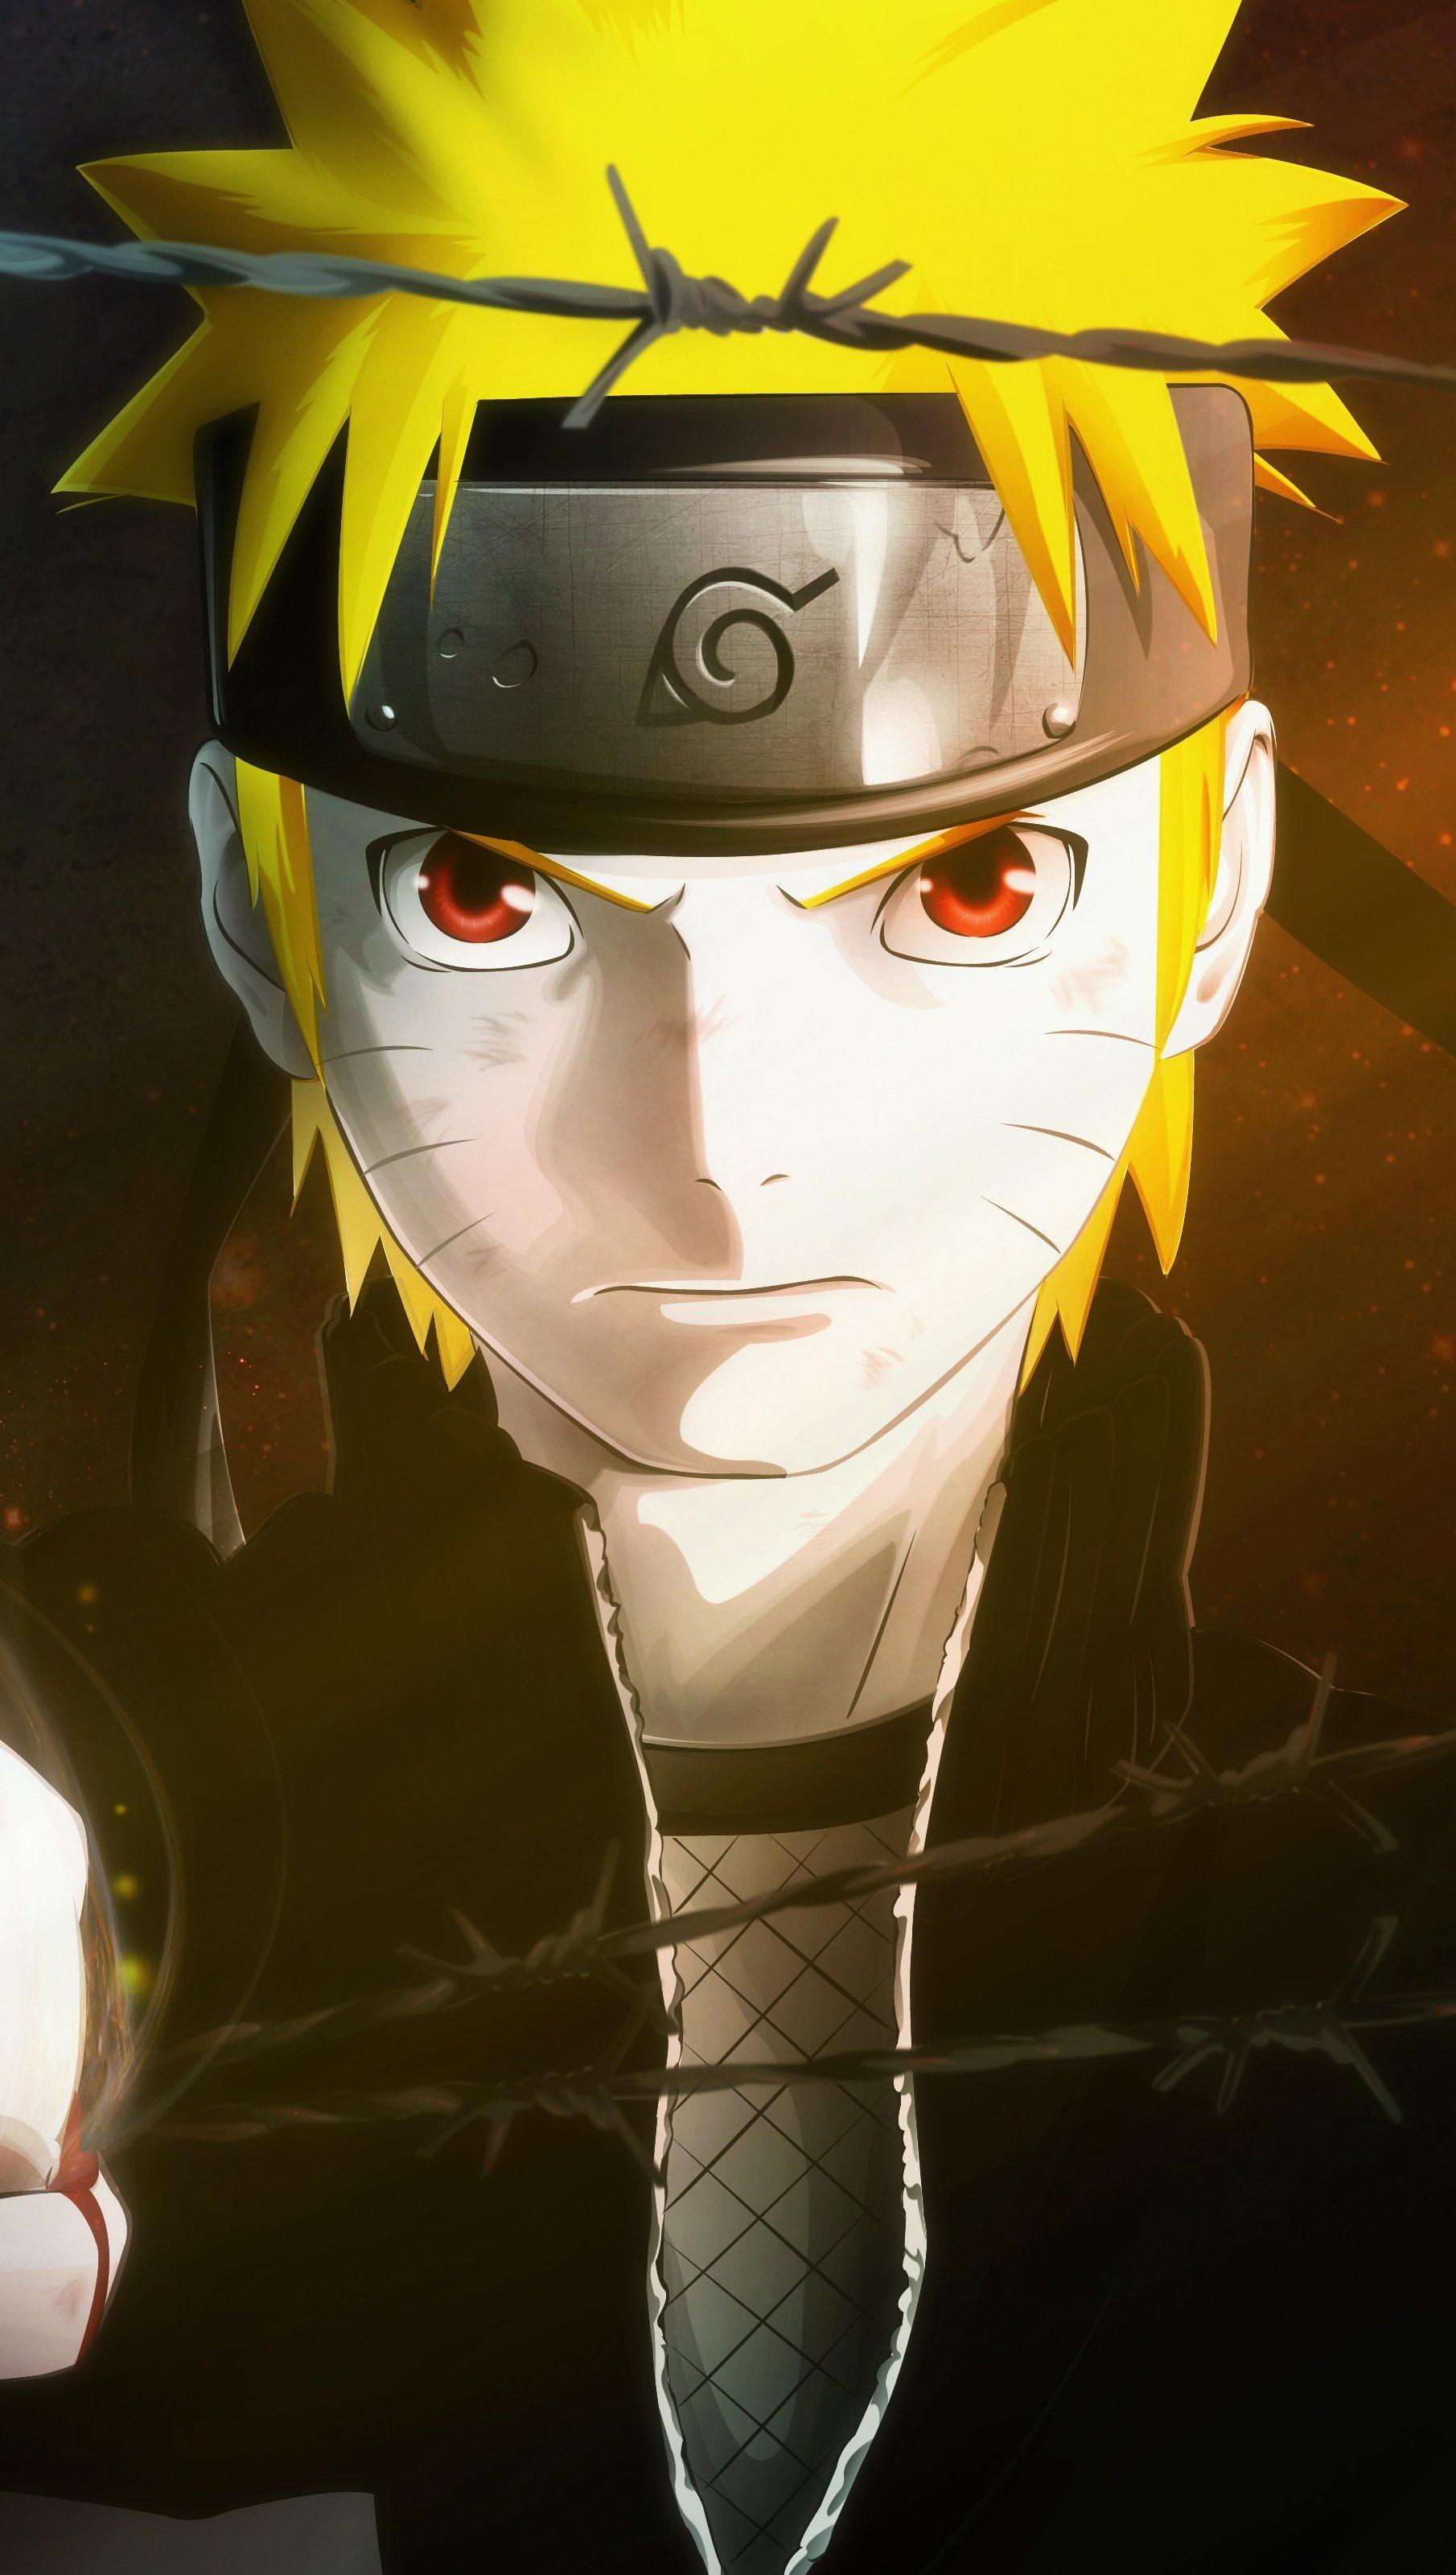 Fondos de pantalla Anime Naruto Uzumaki Vertical